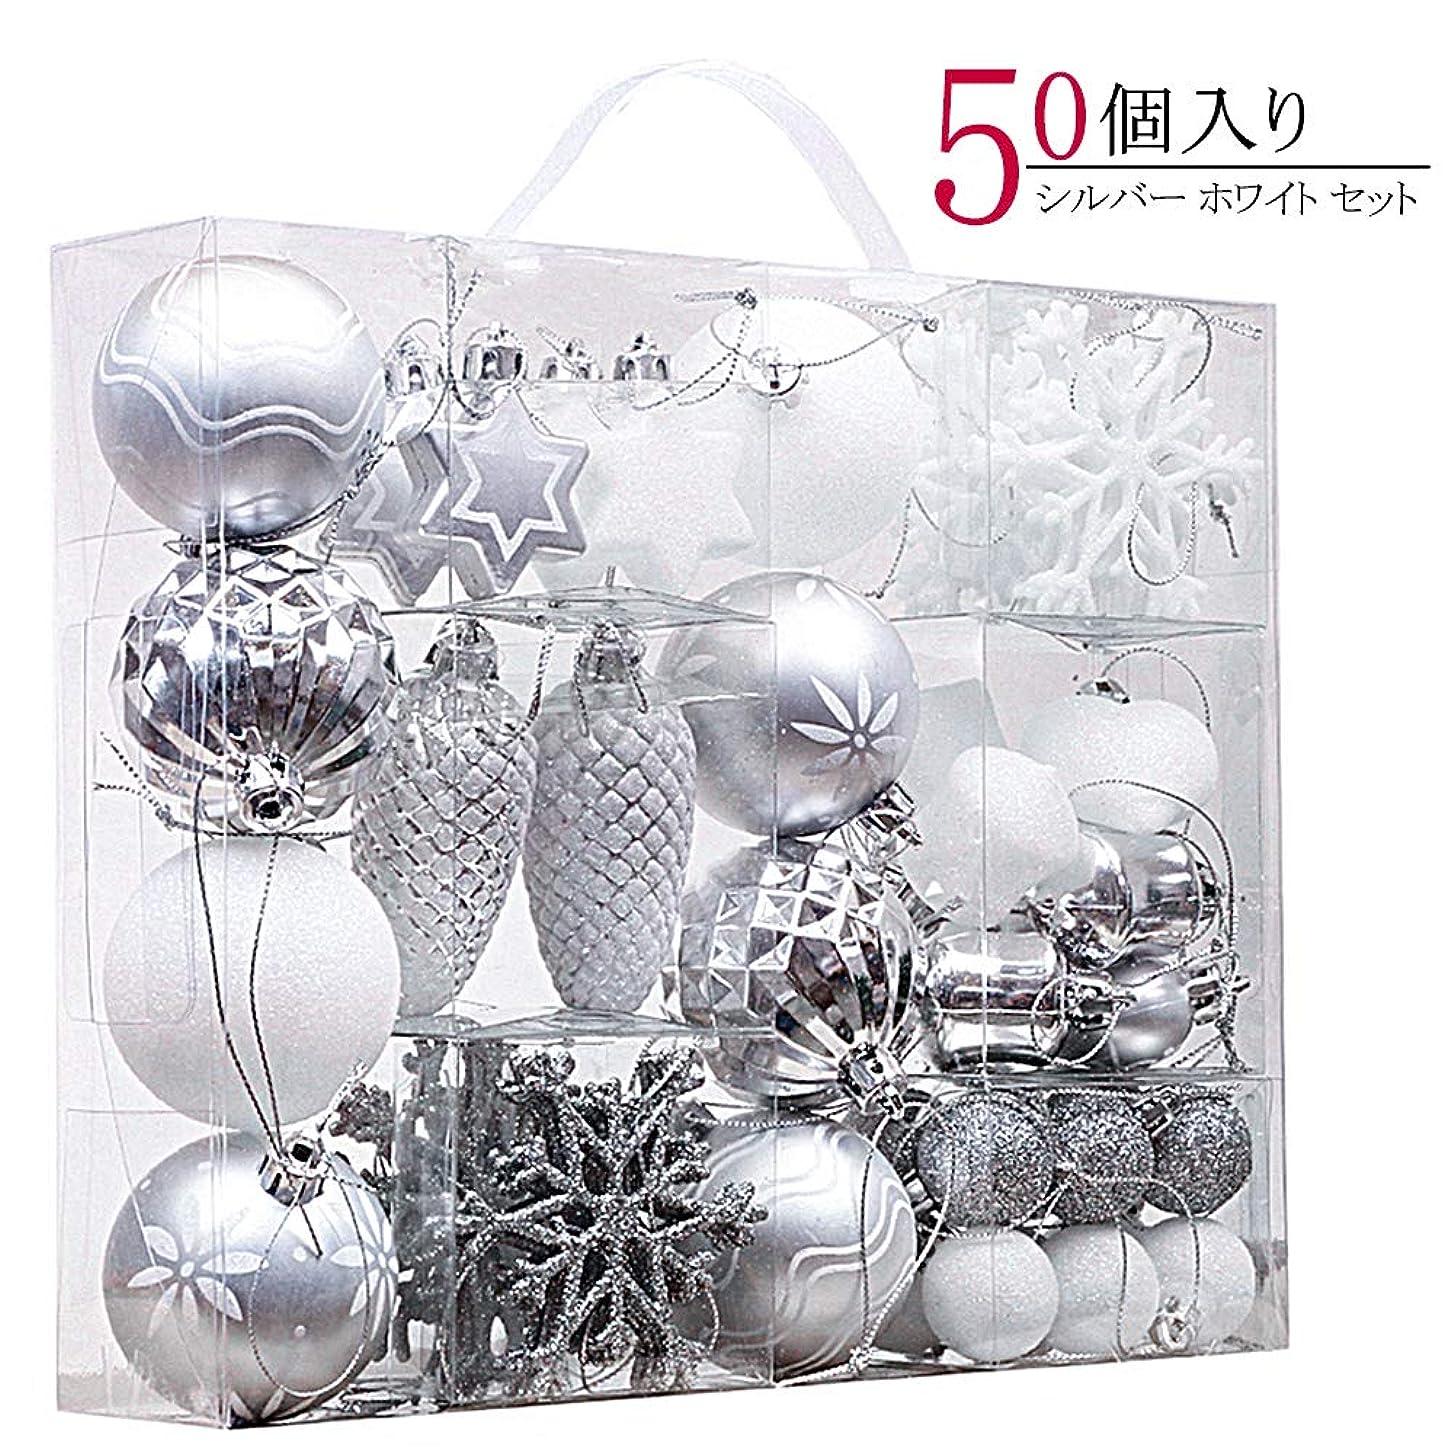 落ち着く表現の間でValery Madelyn クリスマス オーナメント 豪華 50個 セット銀色 白色 シルバー ホワイト ゴージャスな配色 北欧風 クリスマスツリー 飾り デコレーション 装飾